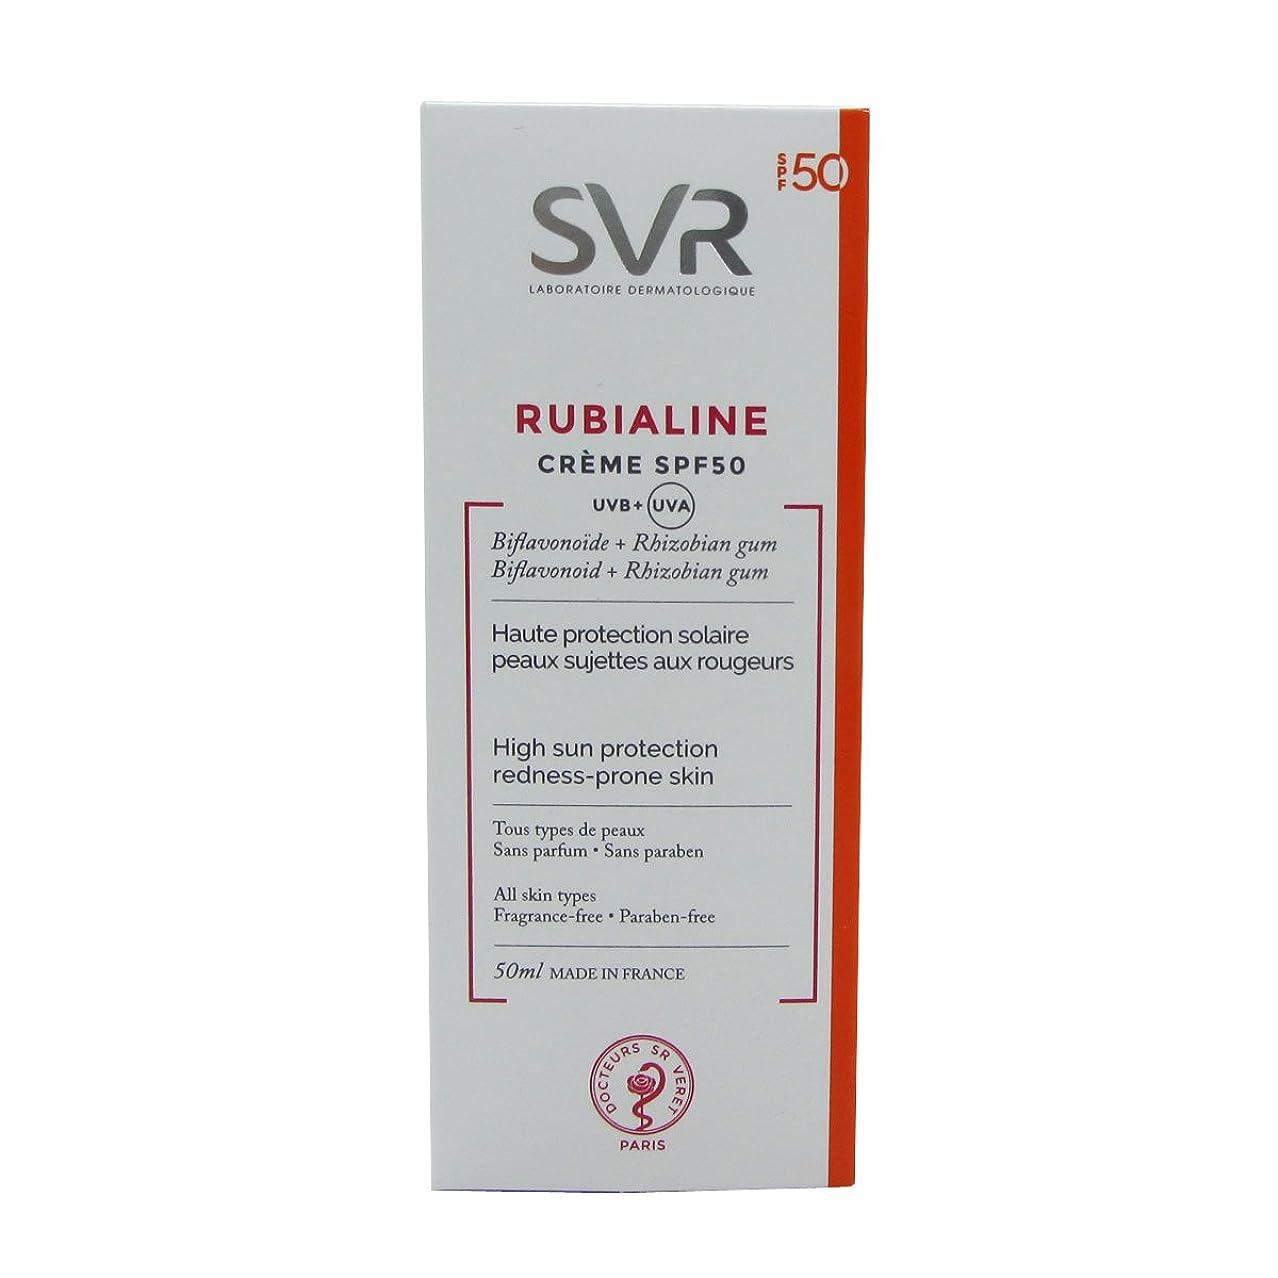 ストライプバレル家畜Svr Rubialine Cream Spf50 50ml [並行輸入品]